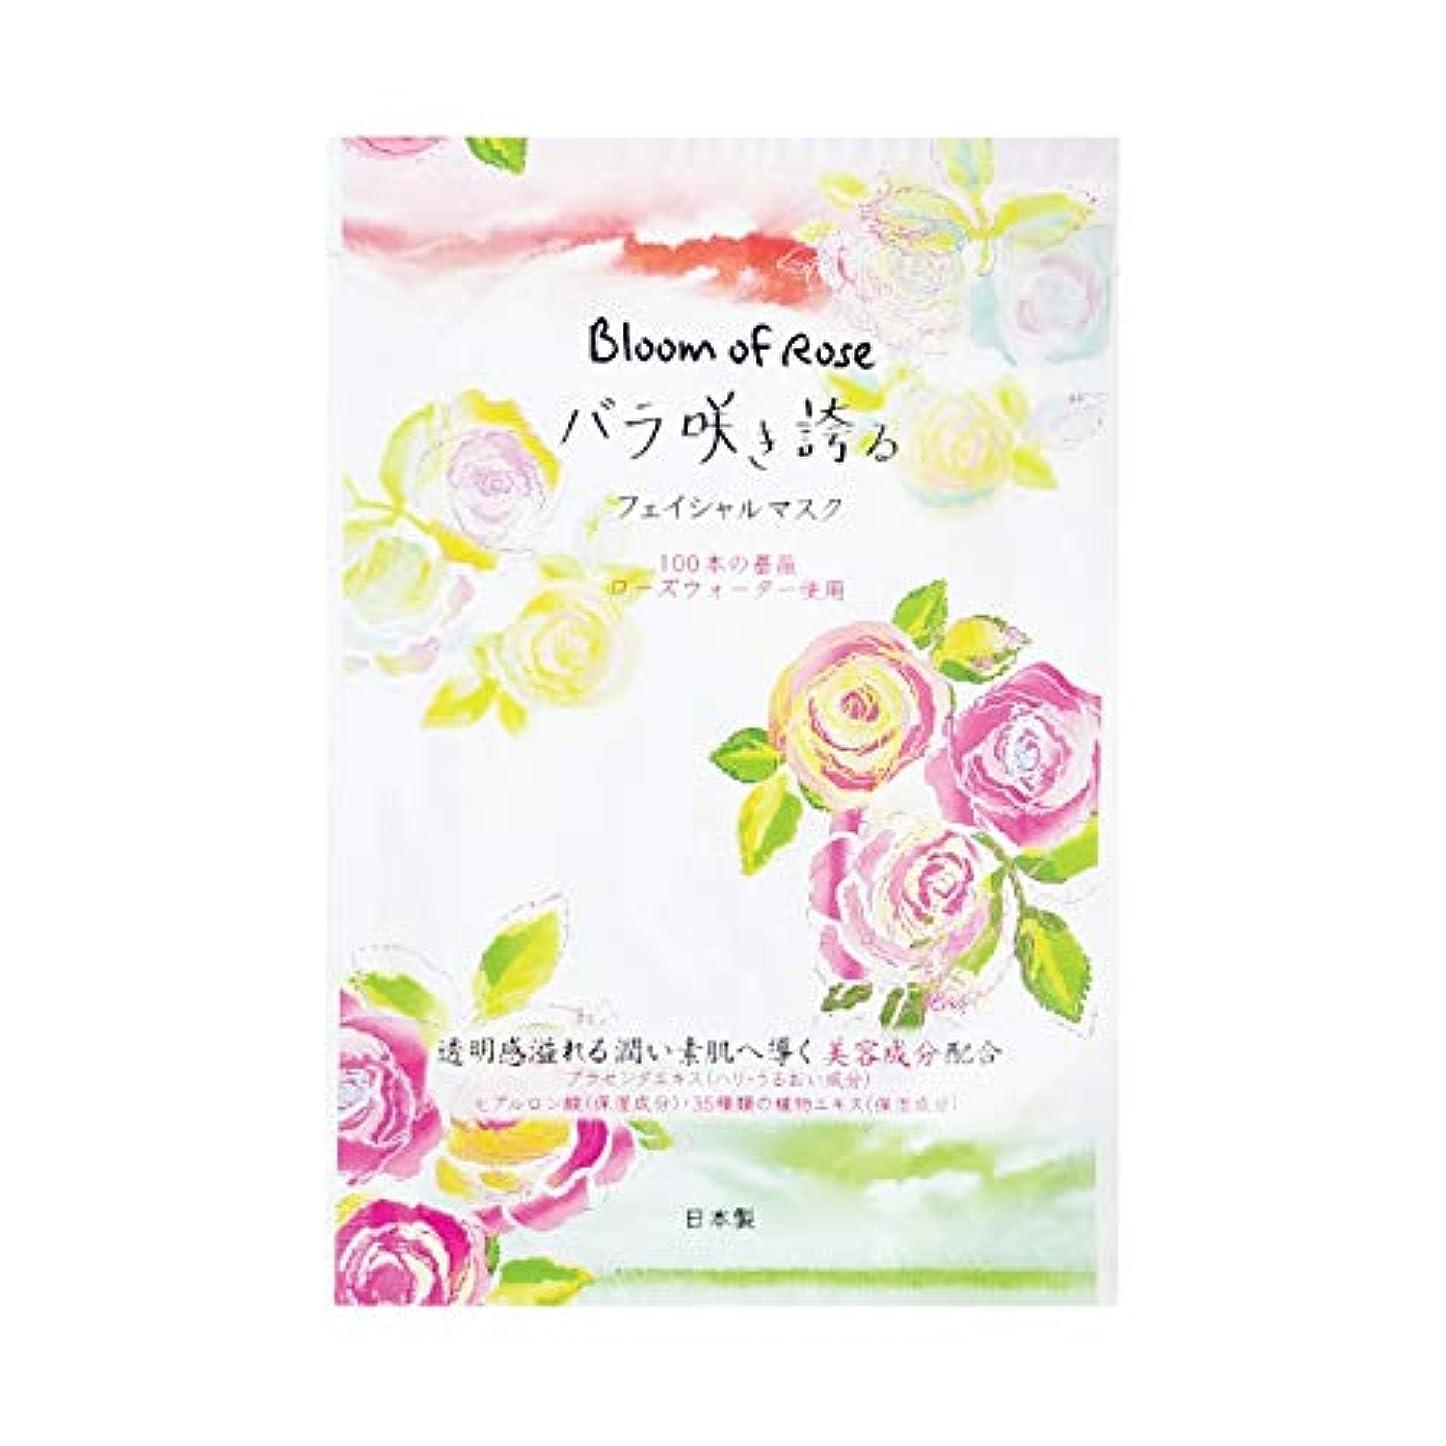 壊滅的な前者兄弟愛Bloom of Rose バラ咲き誇るフェイシャルマスク 30枚